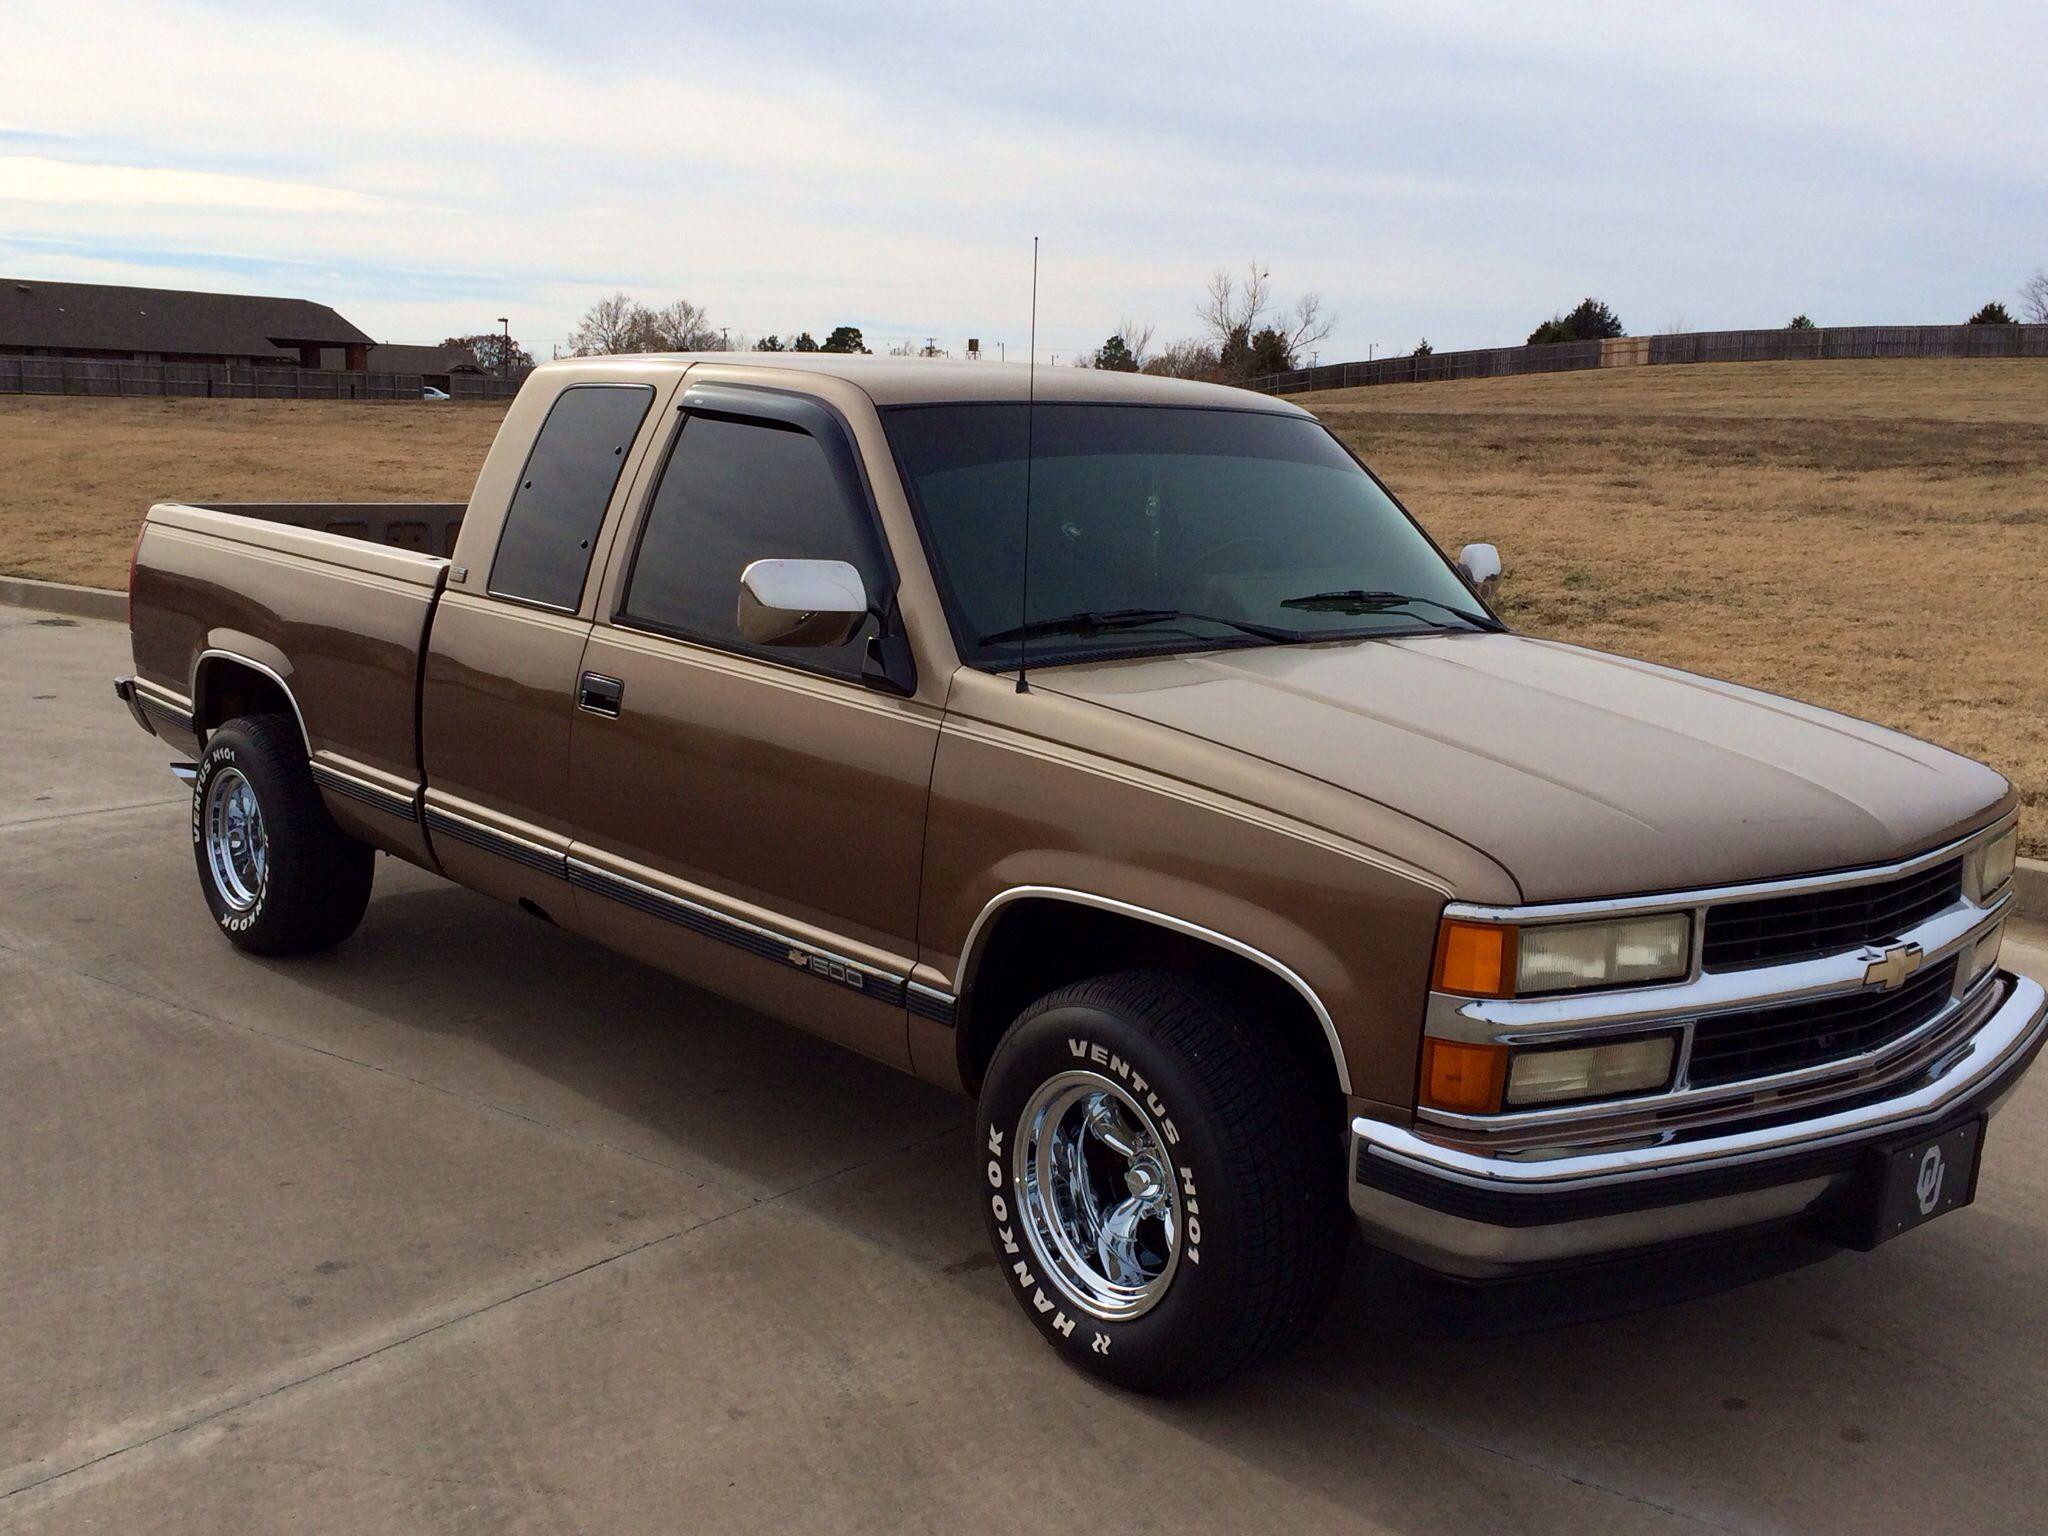 clean 1994 chevy 1994 chevy silverado silverado truck silverado 1500 new chevy truck [ 2048 x 1536 Pixel ]